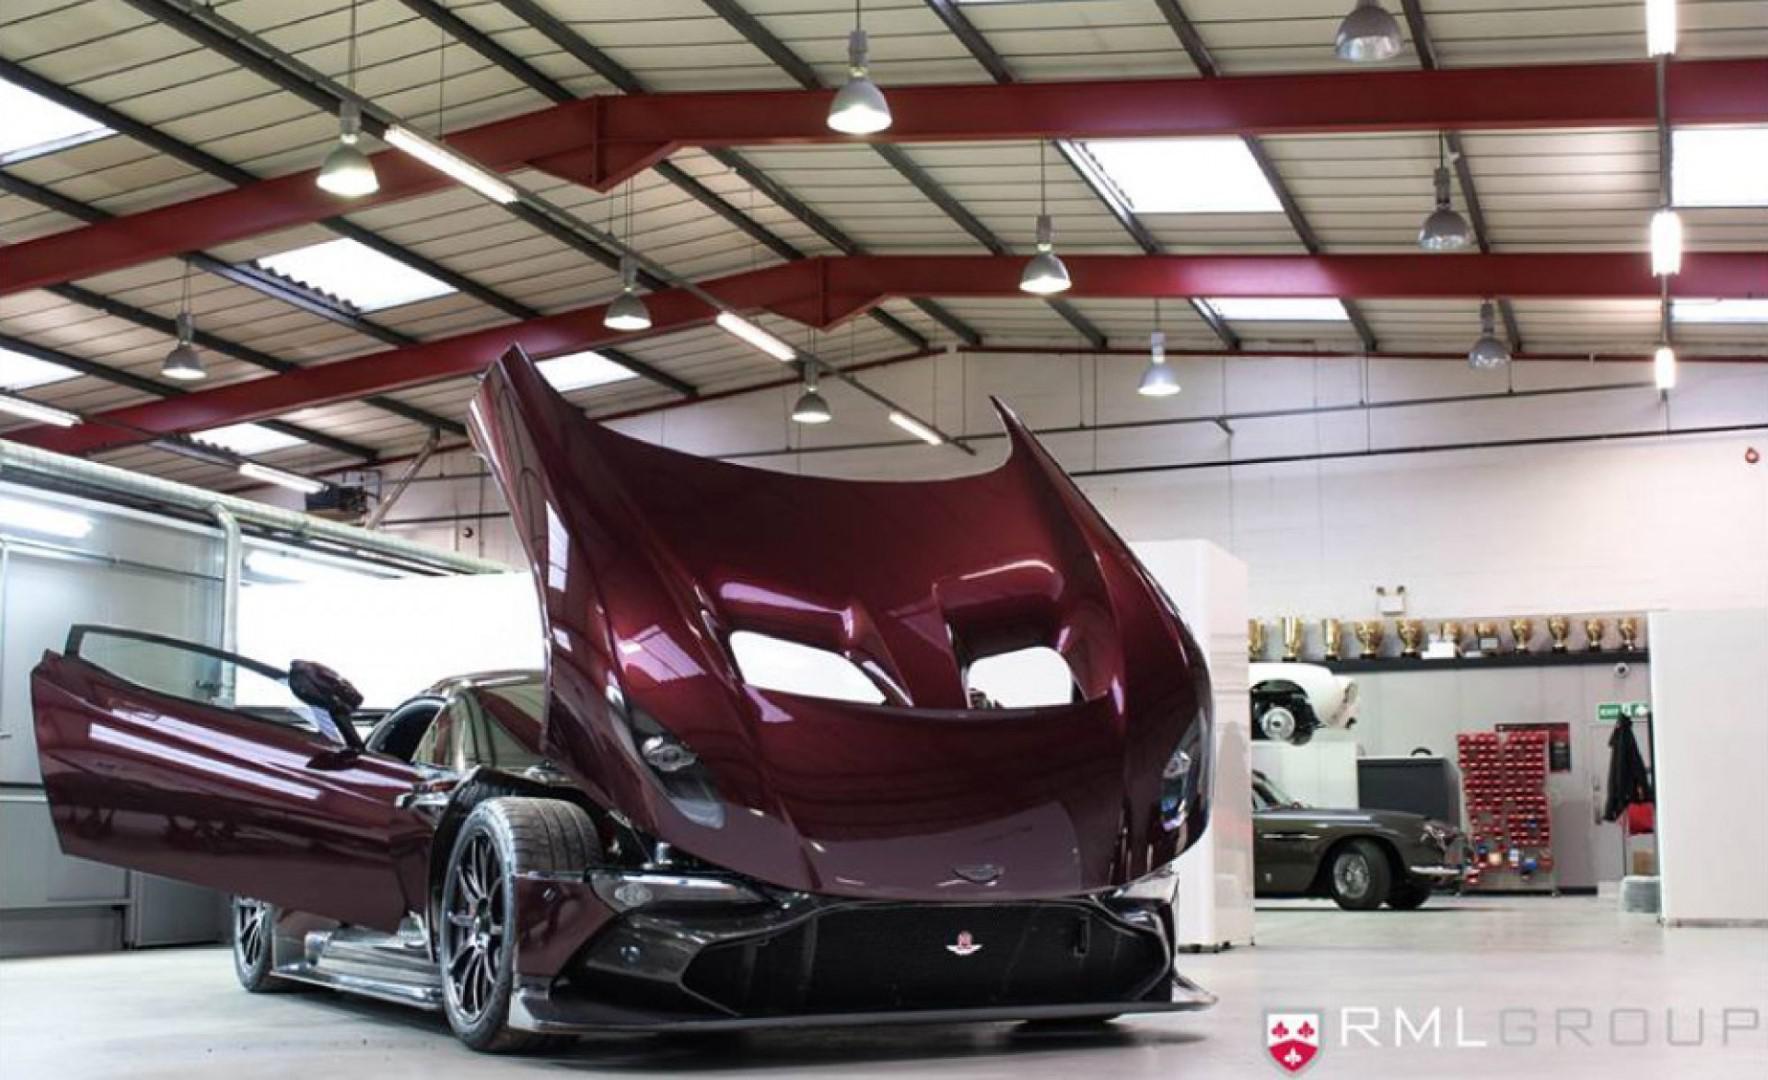 Le kit d'homologation route de l'Aston Martin Vulcan est disponible !